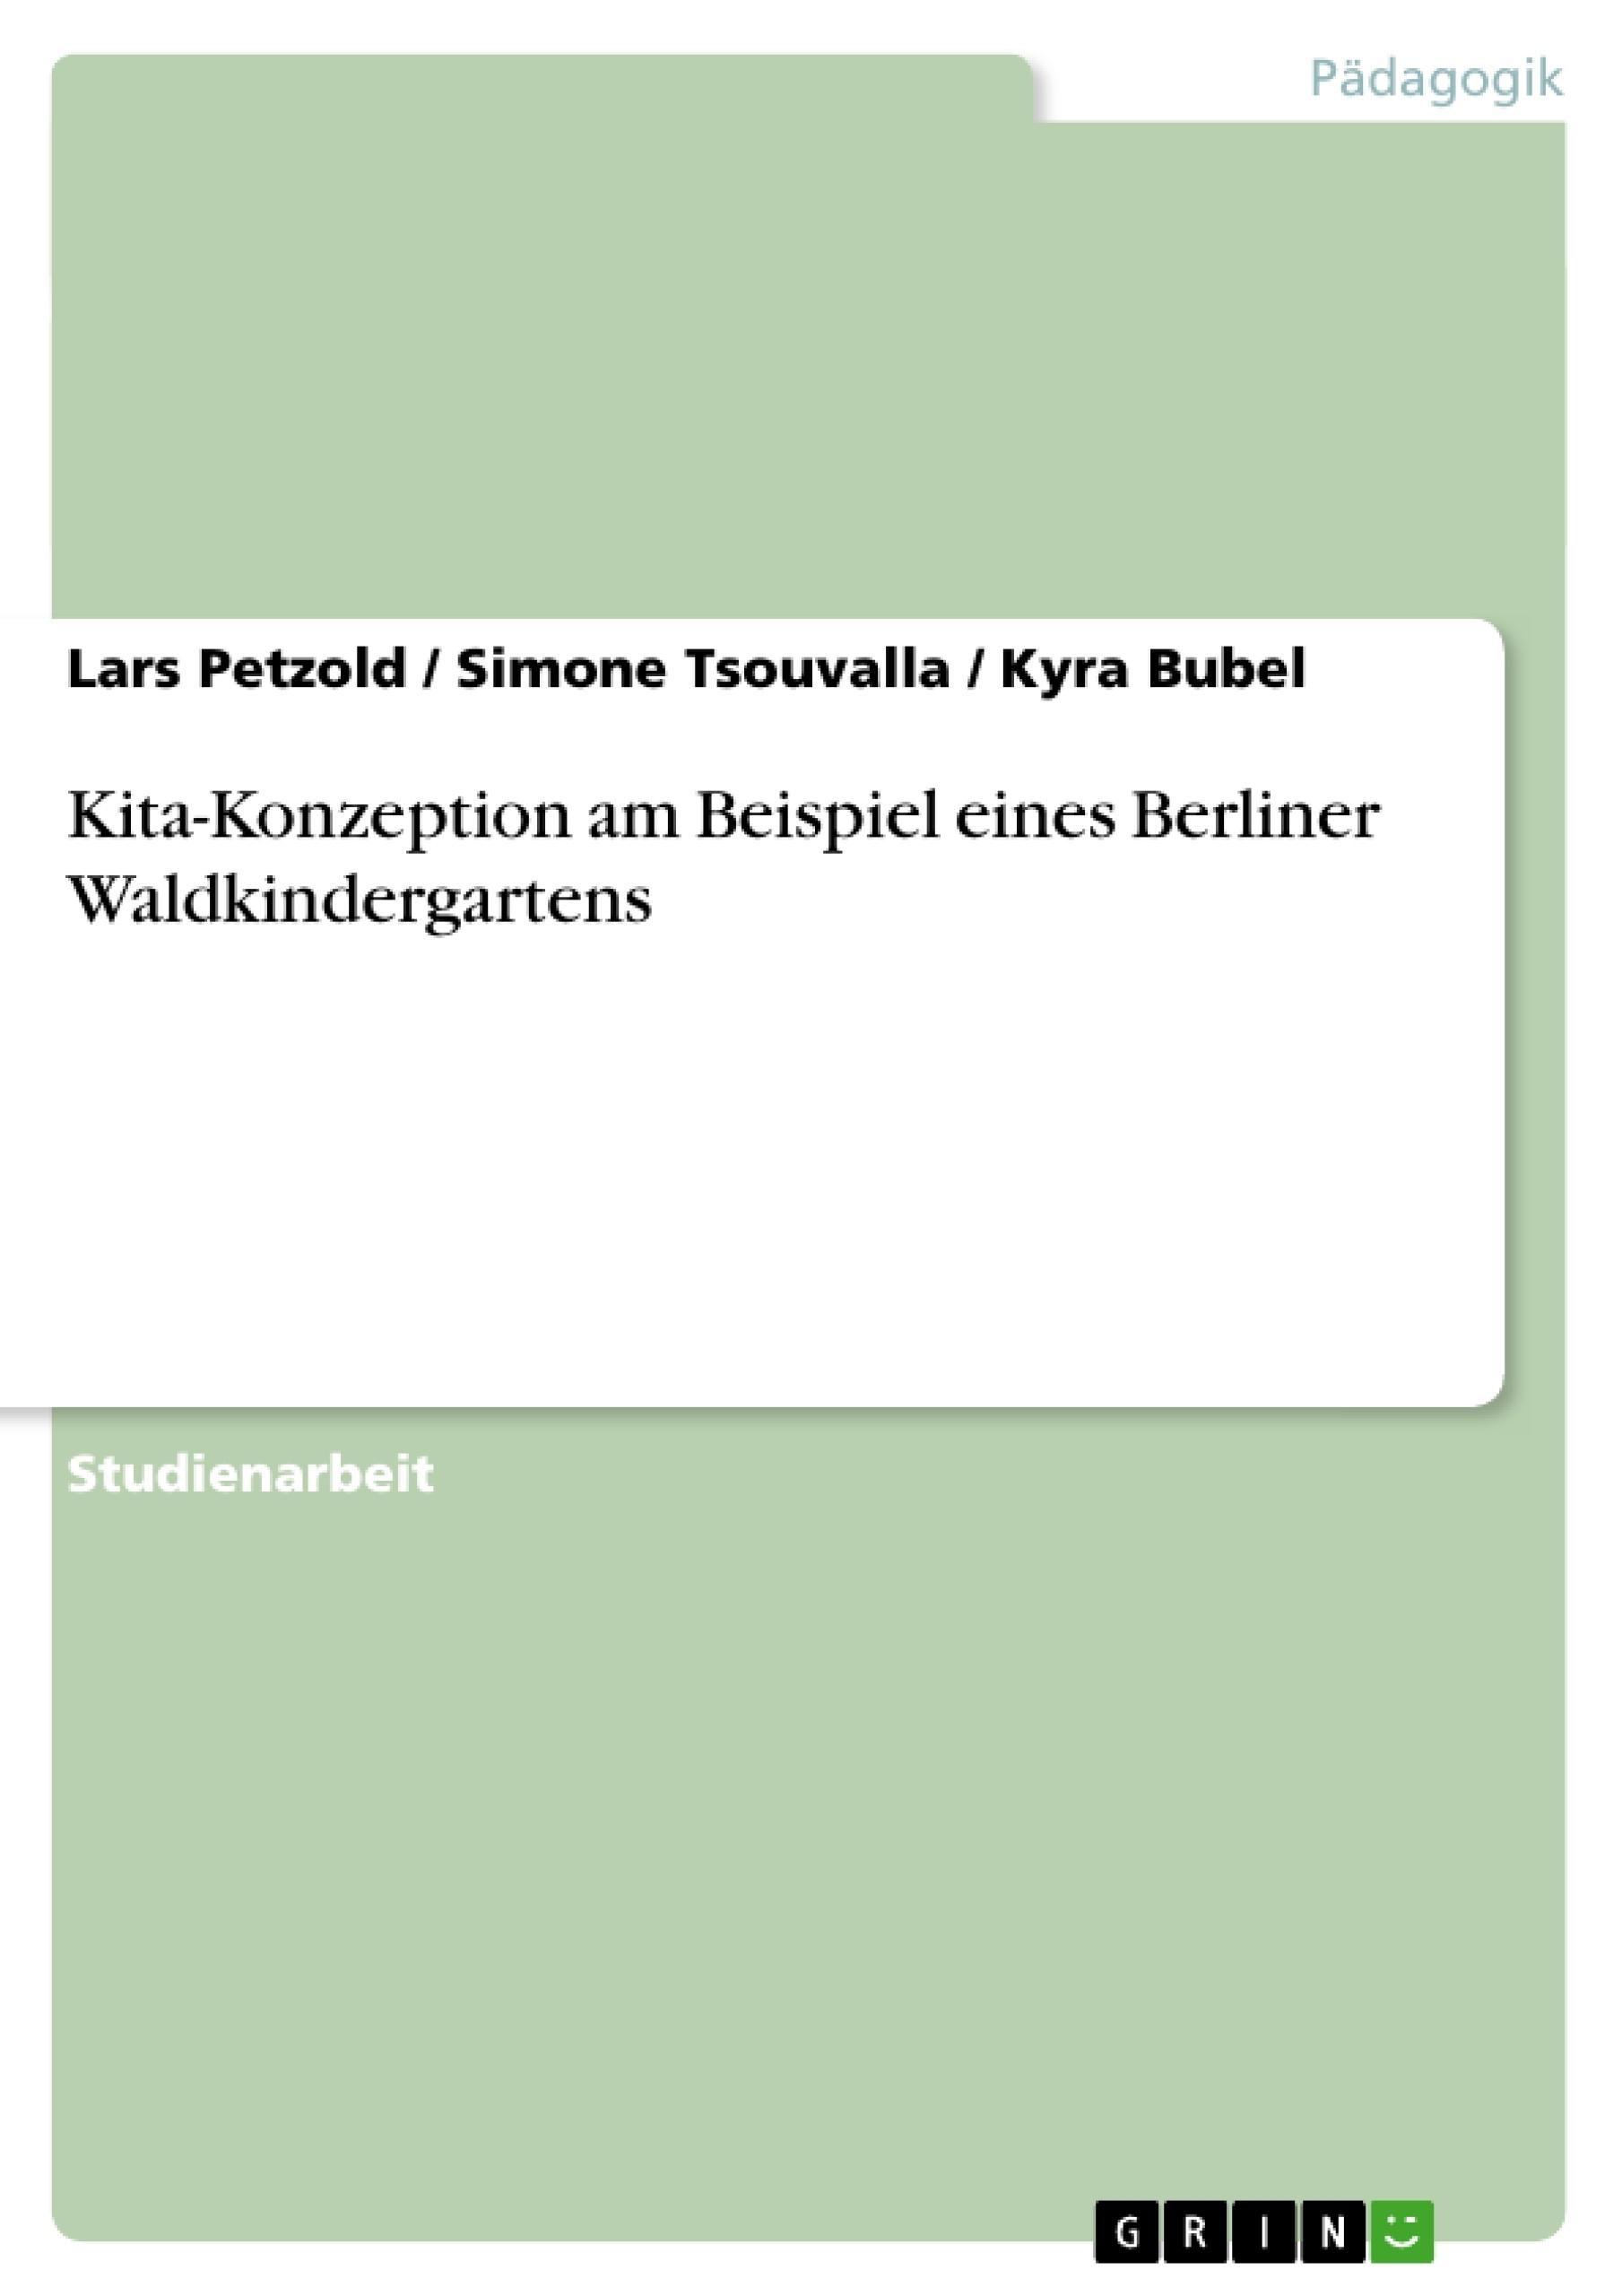 Titel: Kita-Konzeption am Beispiel eines Berliner Waldkindergartens